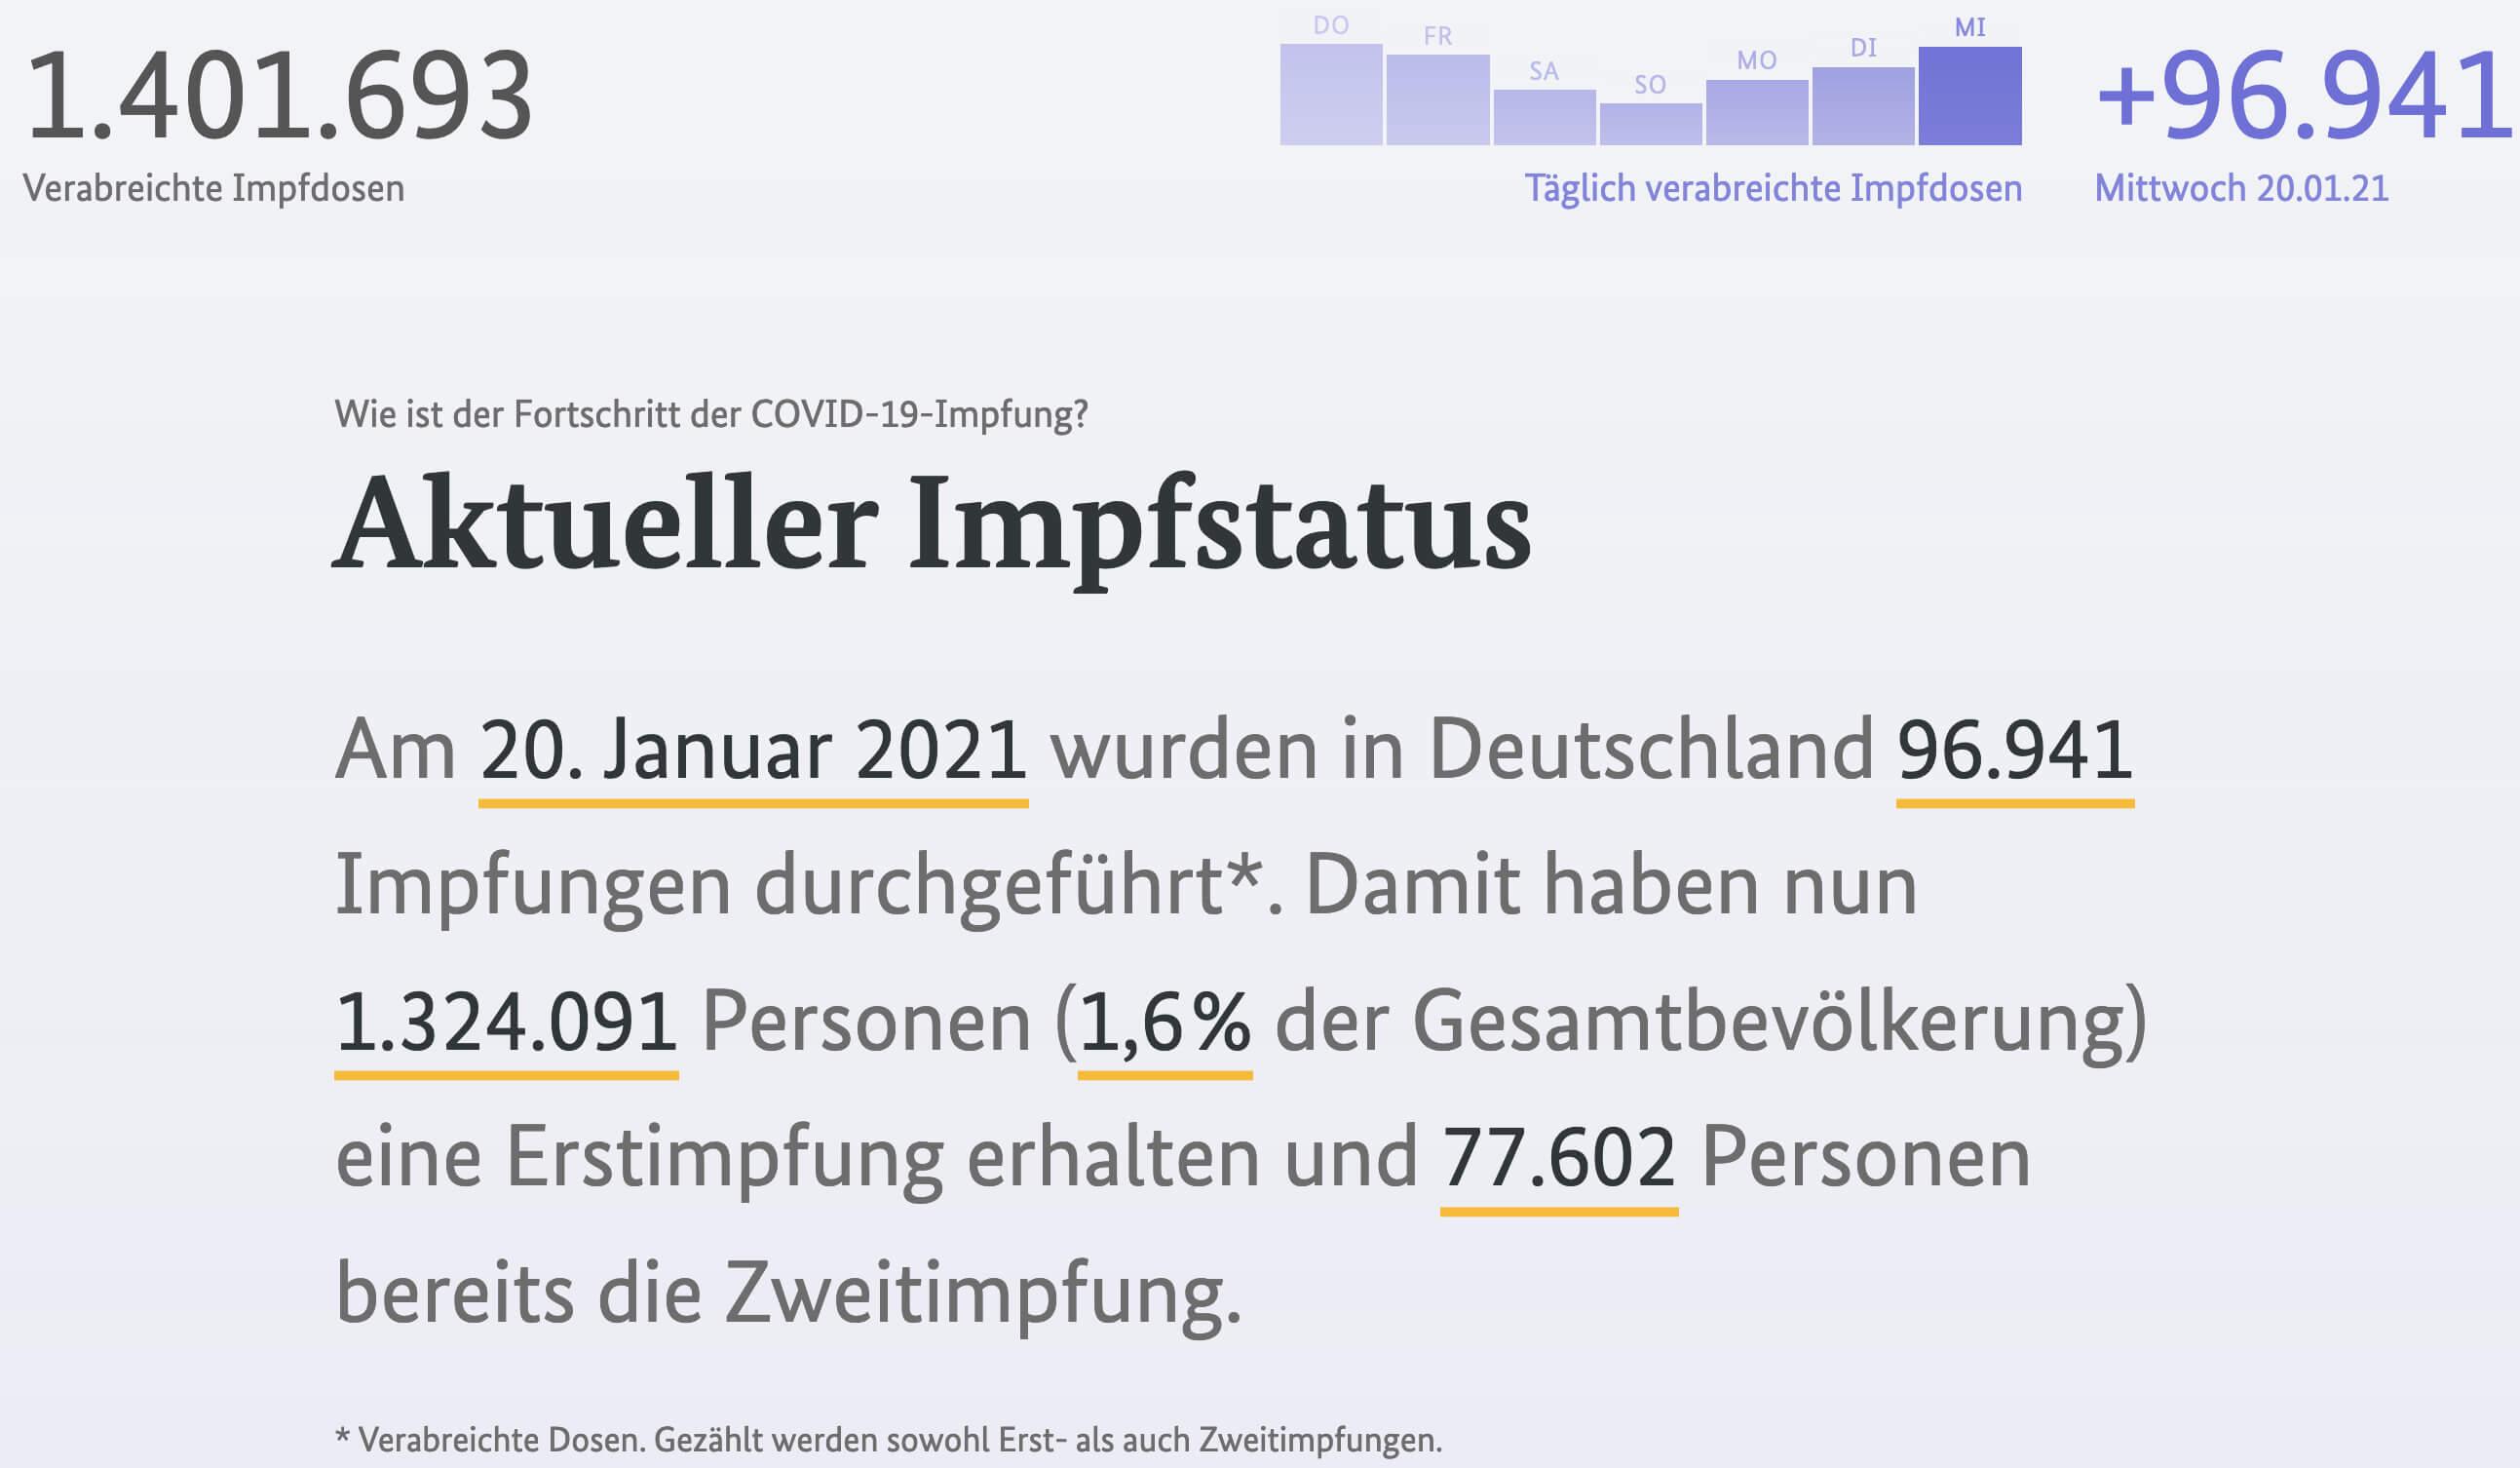 bildschirmfoto_2021-01-21_um_12.07.38_original.jpg